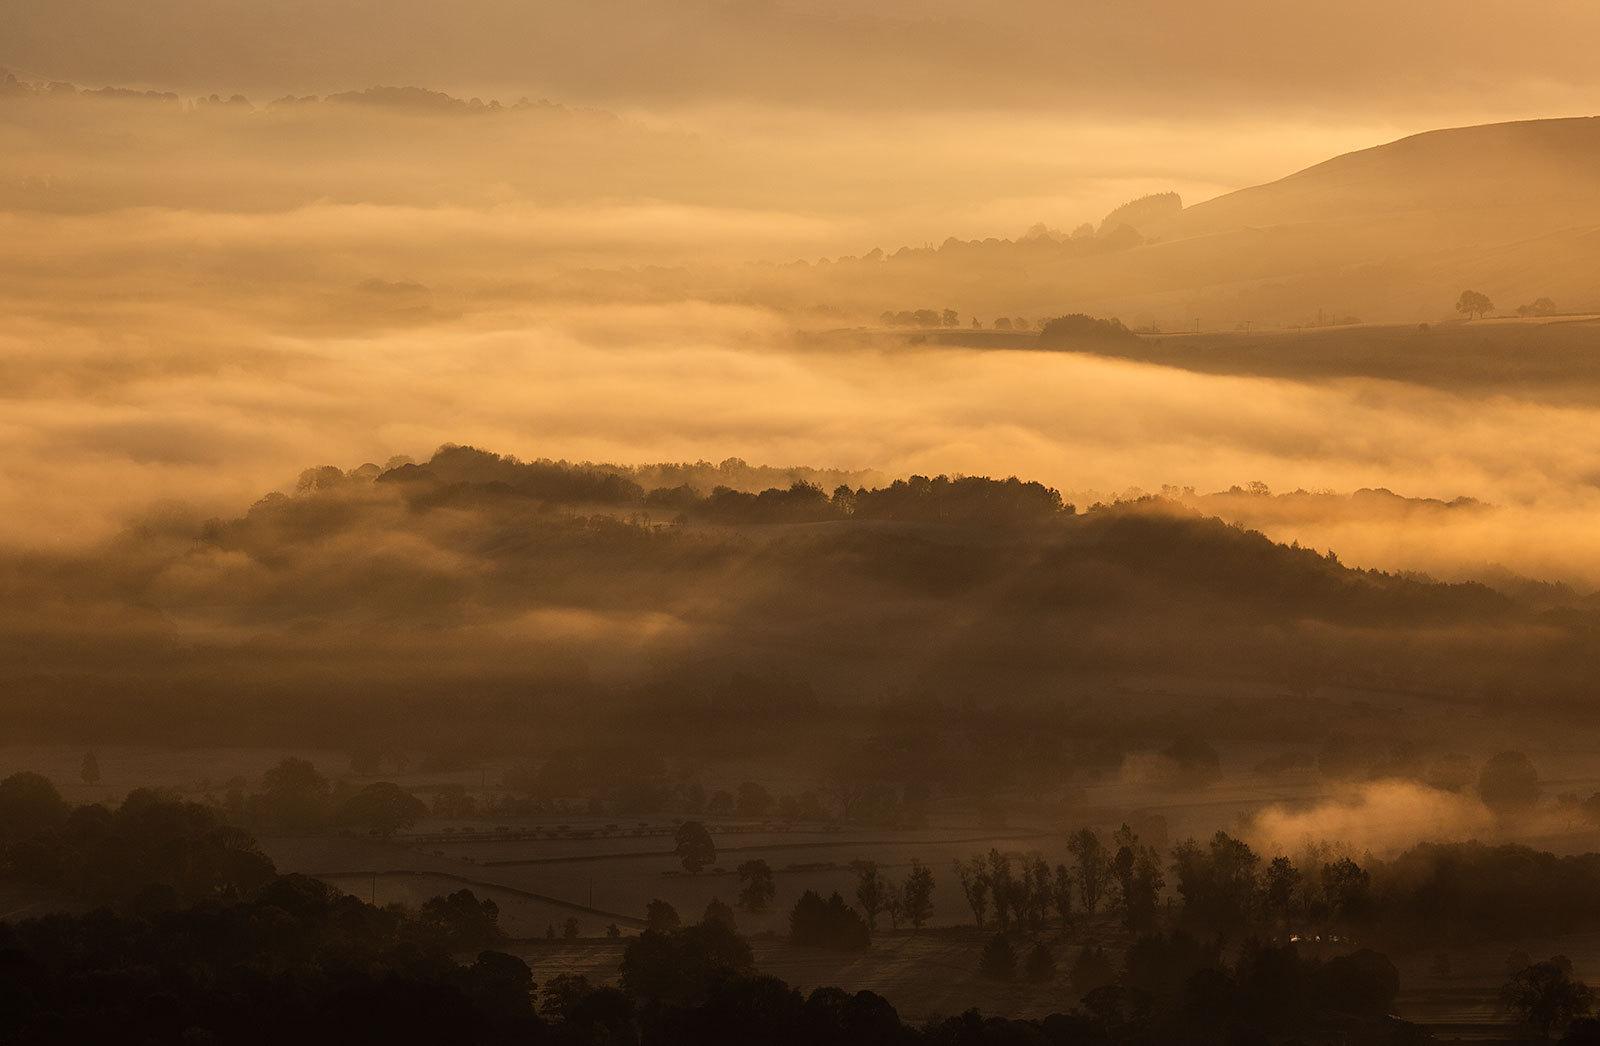 Mist, Light and Shadows